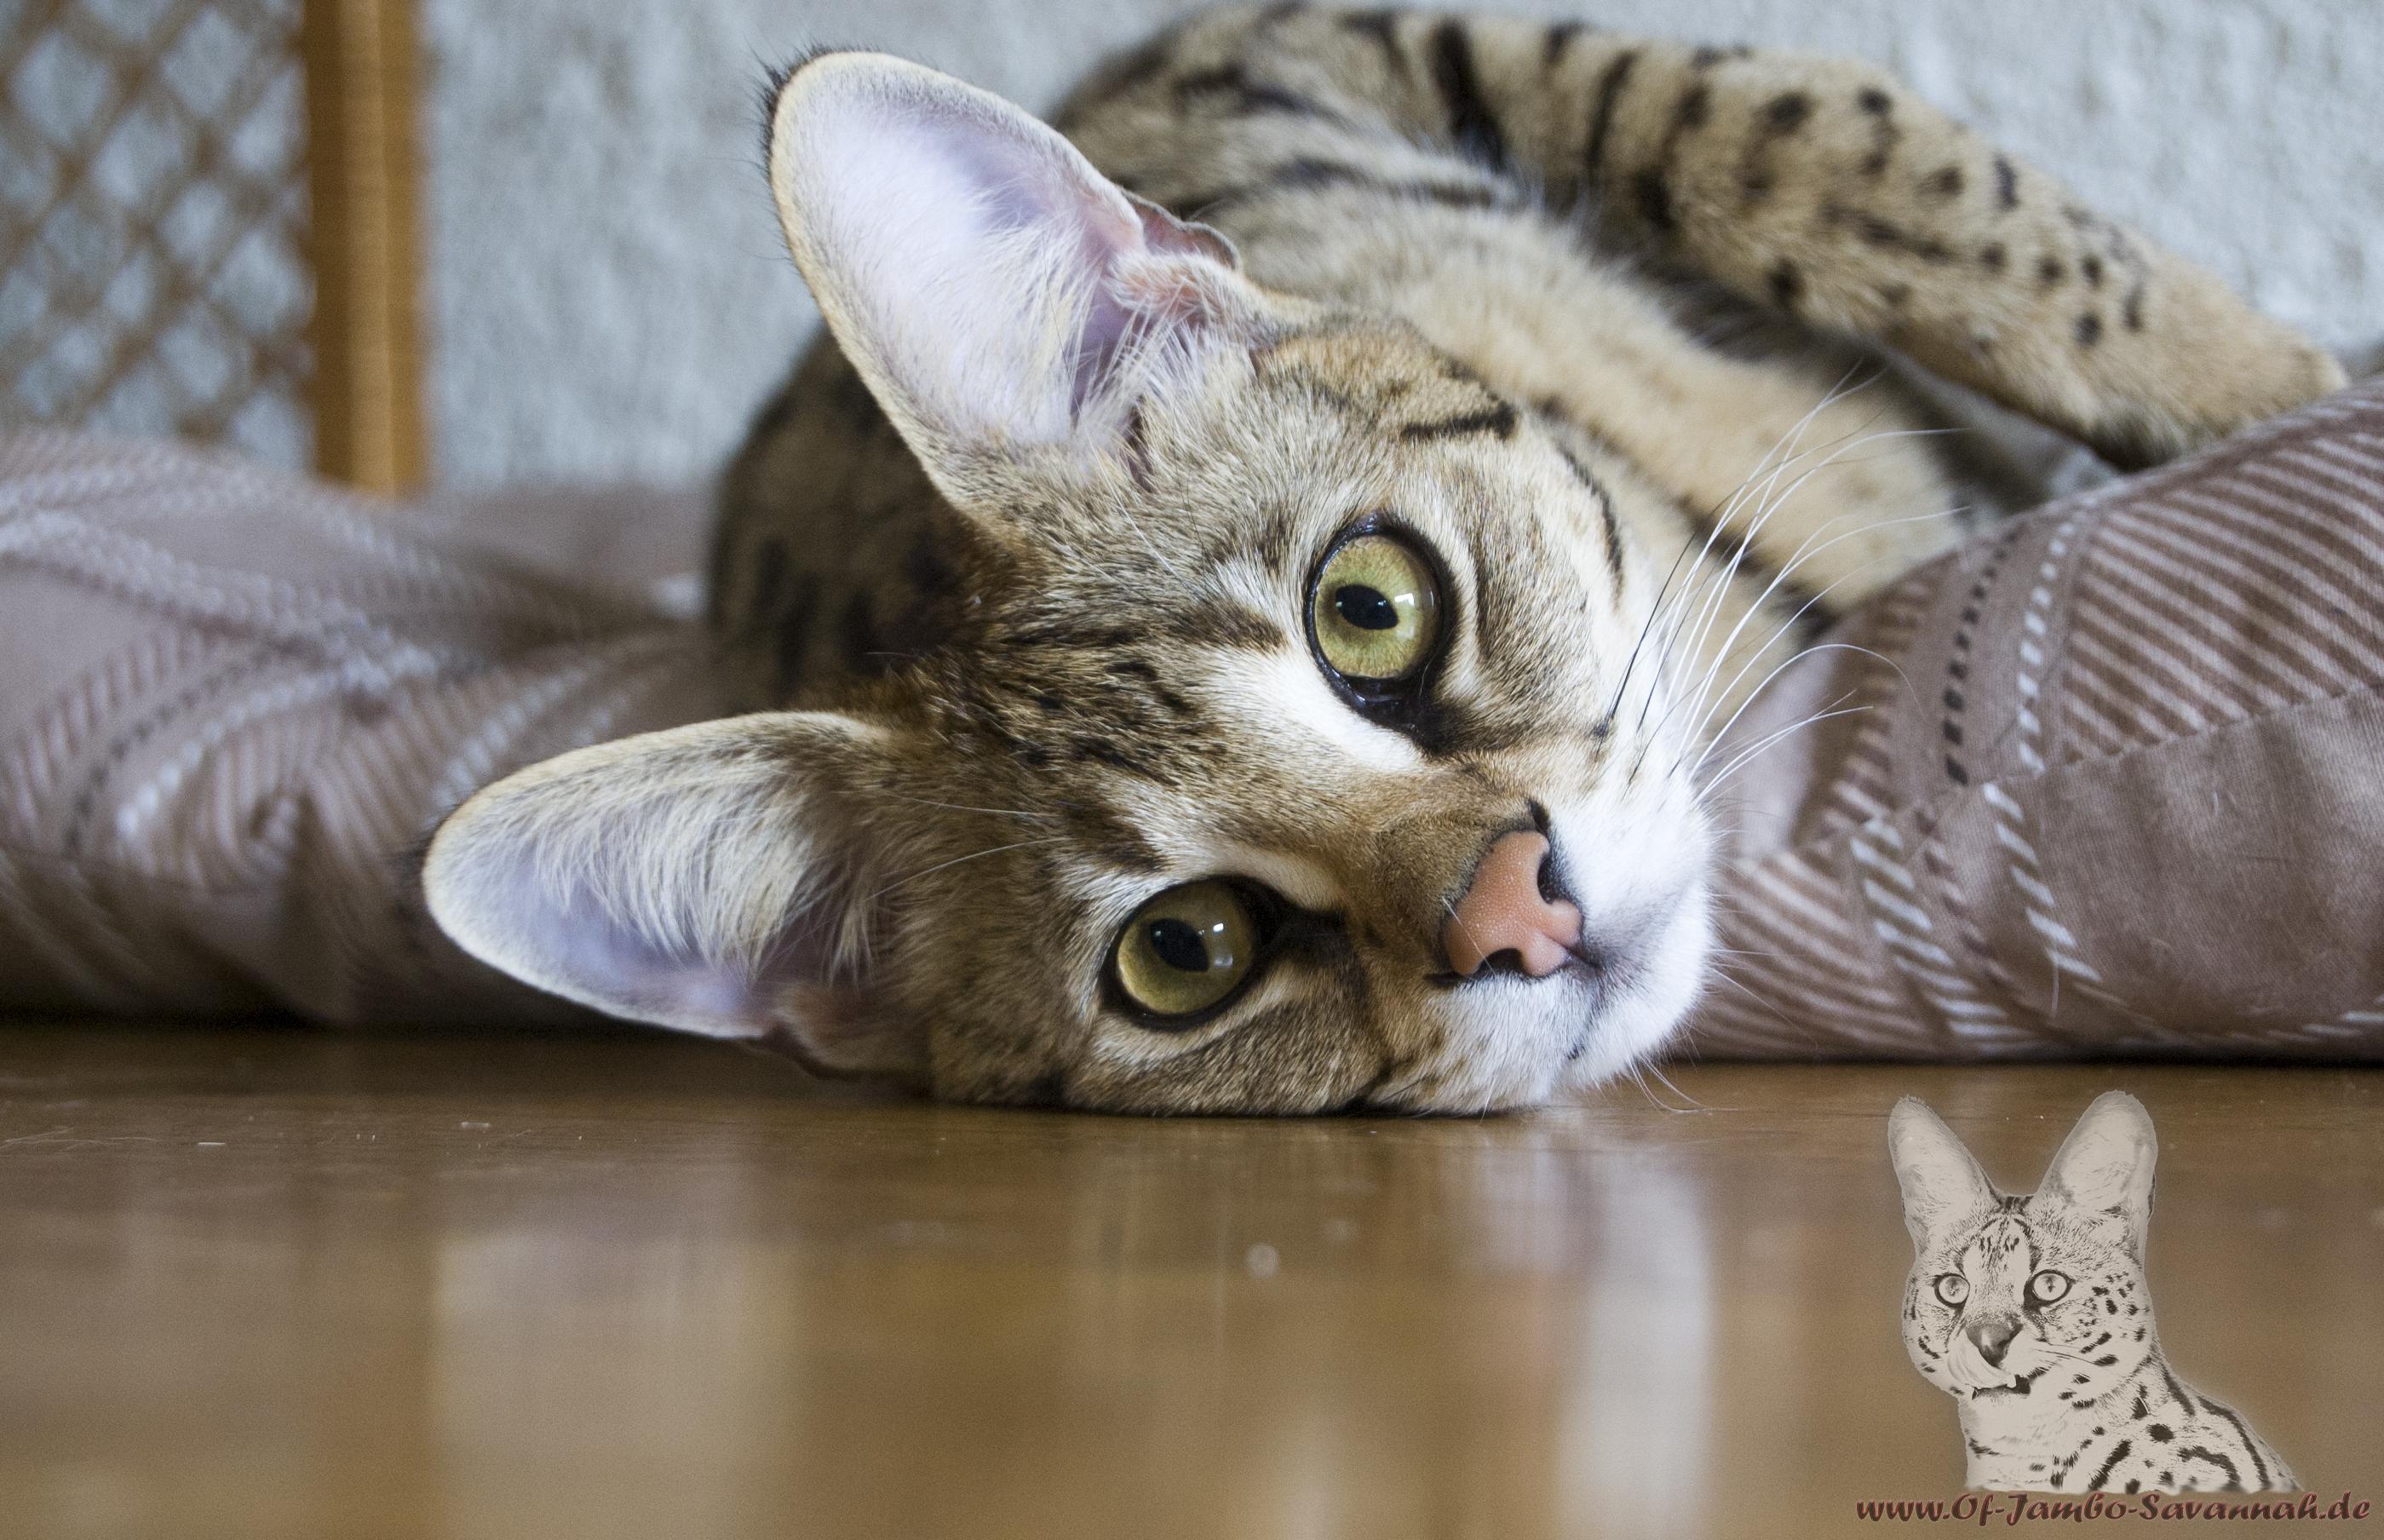 Savannahcat, F1 Savannah Katze, Savannahkatzen, Katzenzucht, Bella,